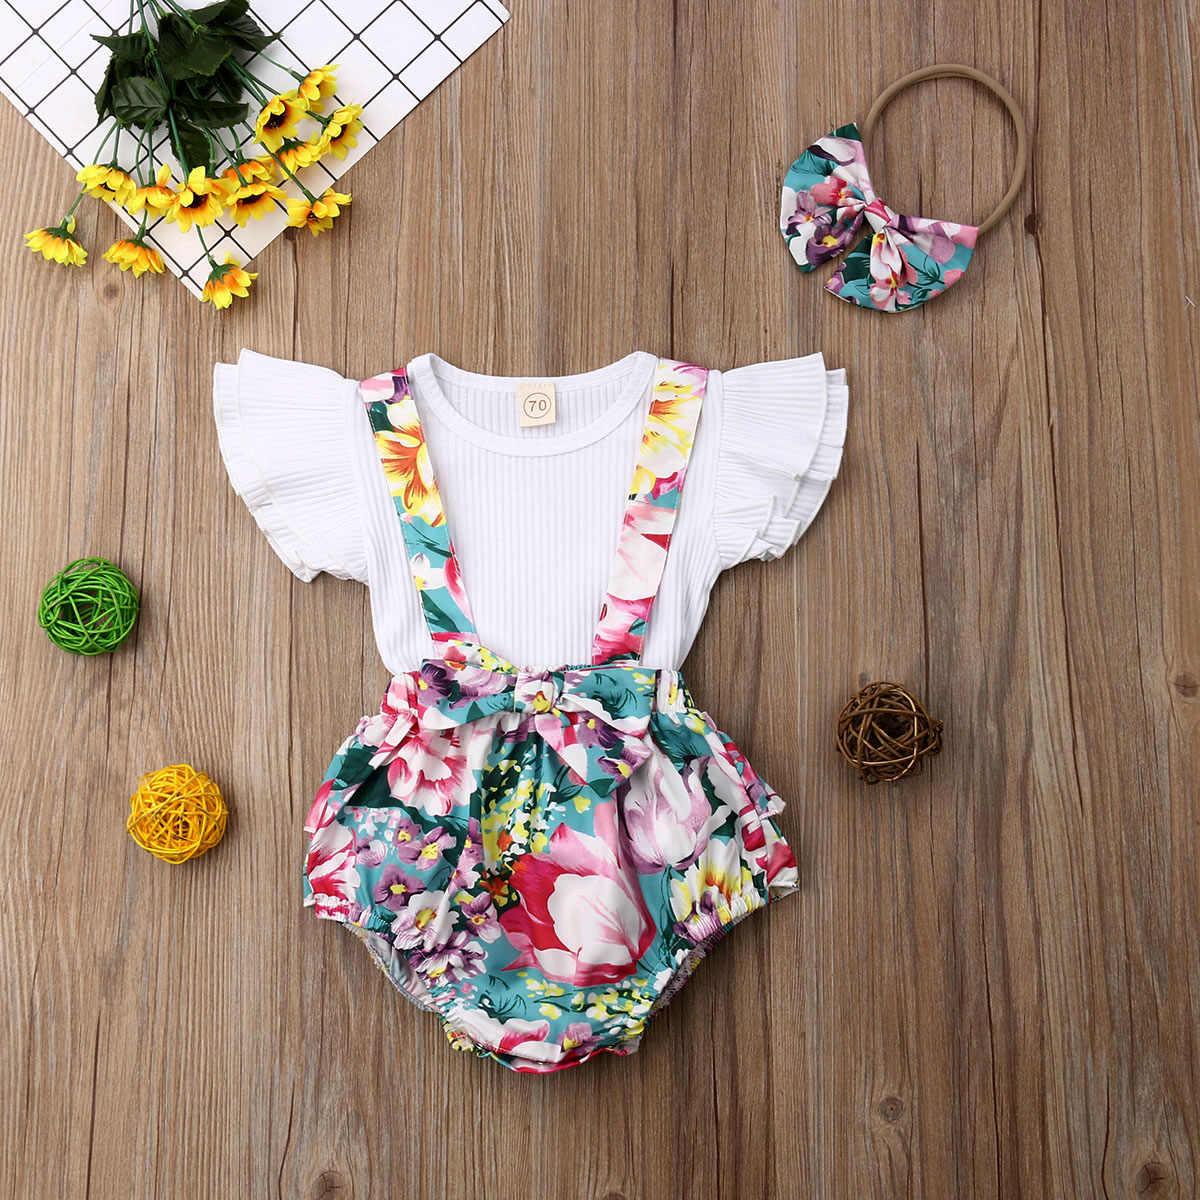 자매 일치 큰 여동생 소녀 옷 세트 꽃 인쇄 t-셔츠 탑스 턱받이 반바지 드레스 머리띠 복장 옷